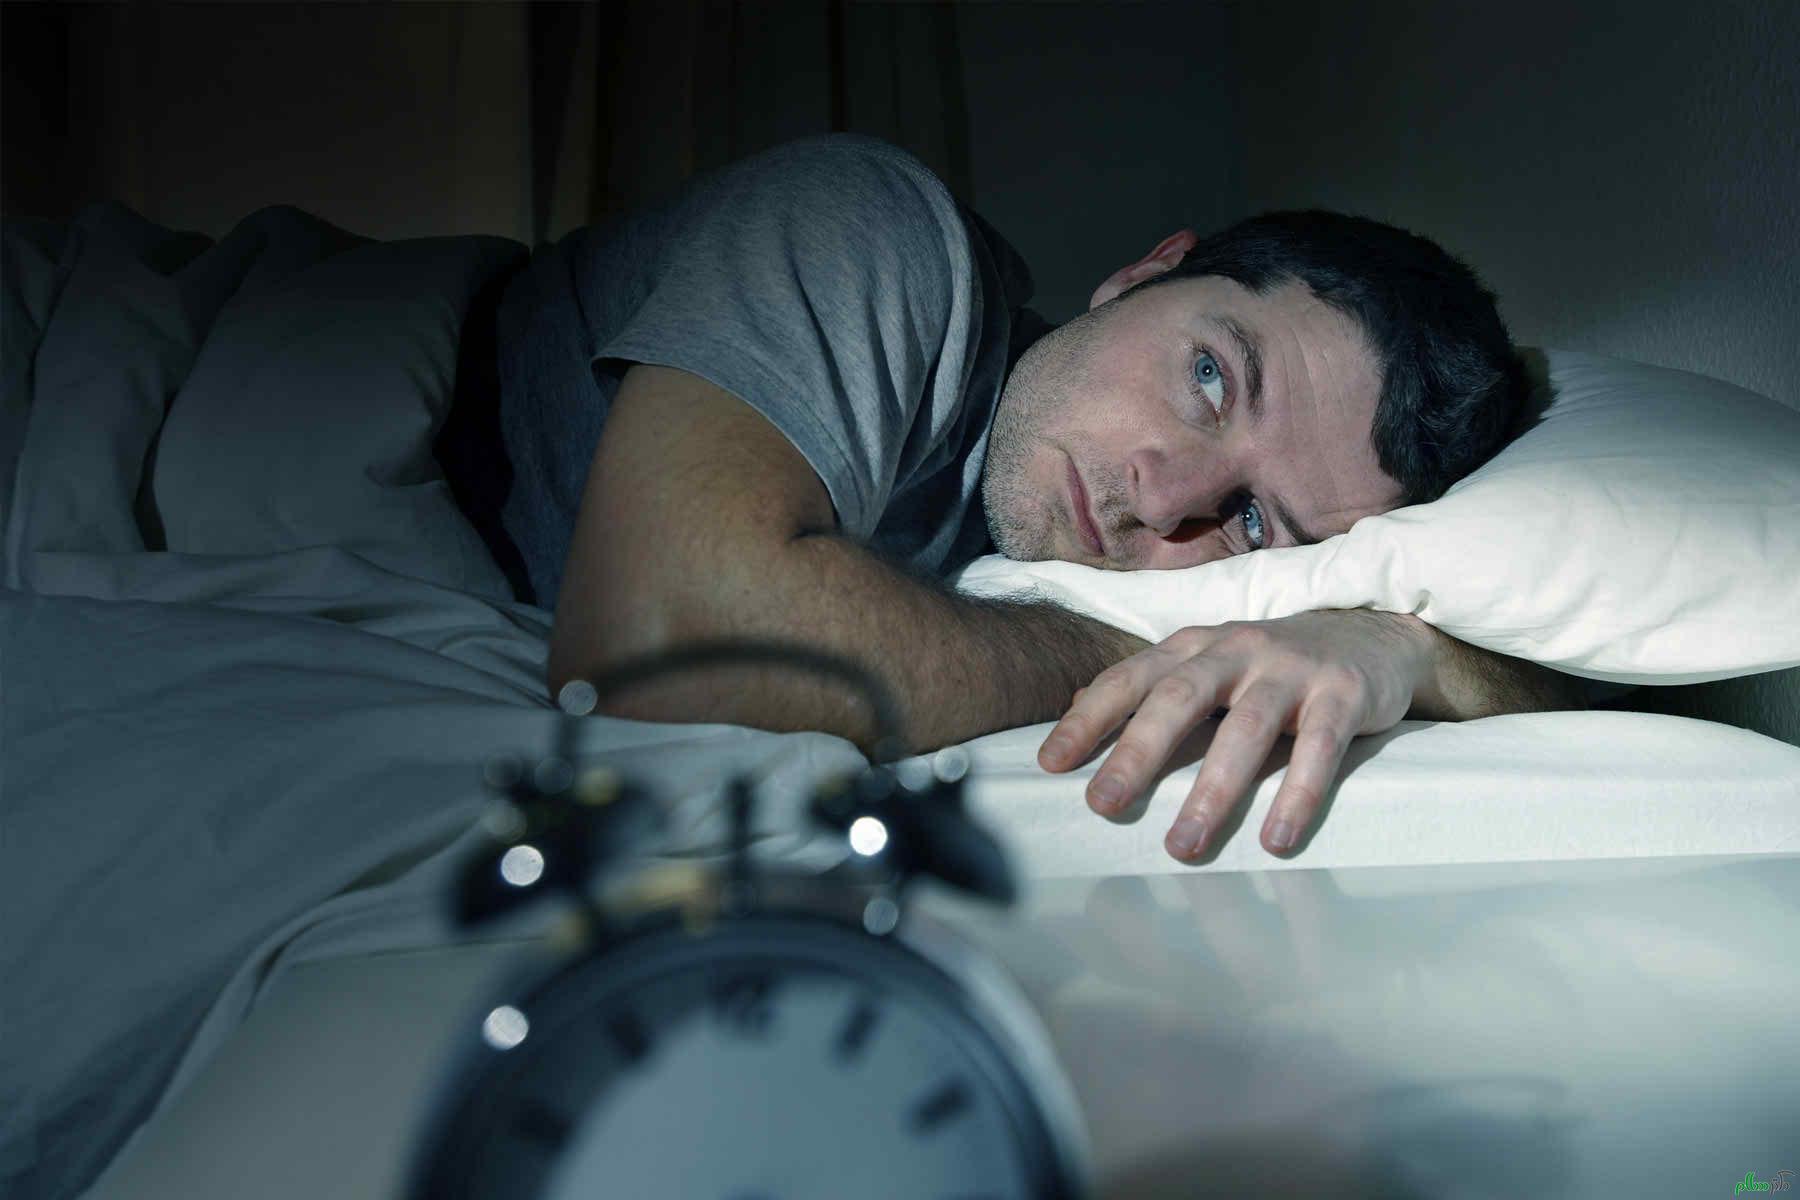 بی خوابی مشکل اکثر مبتلایان به اچ آی وی